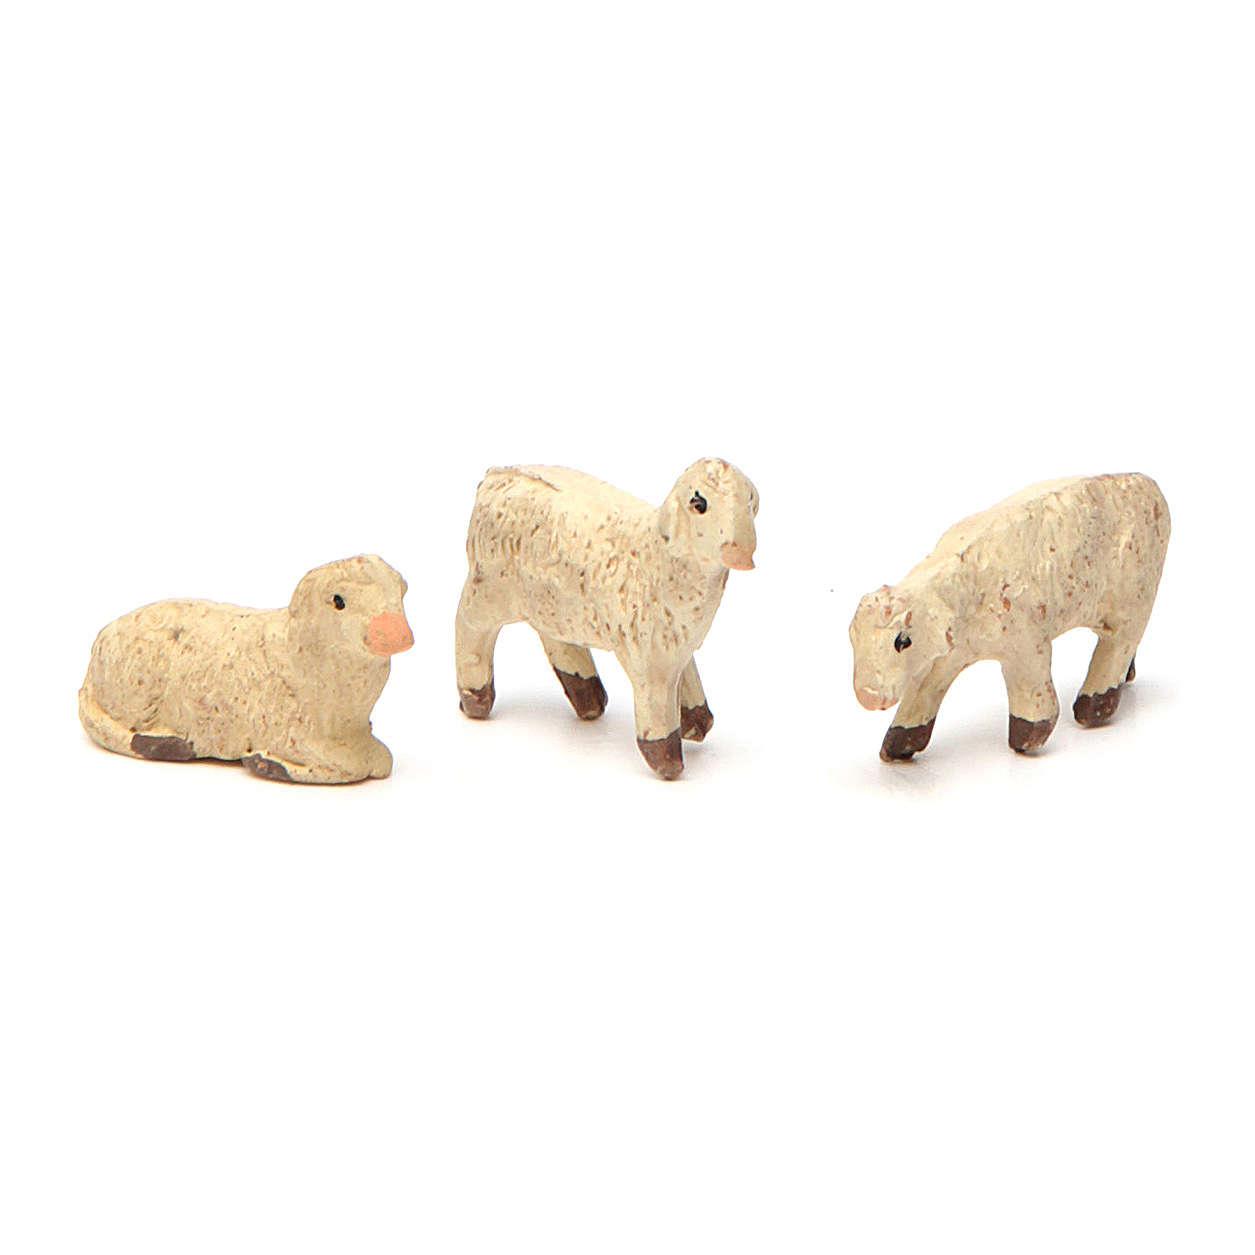 Pecorelle in terracotta per presepe napoletano di 4 cm 3 pz 4